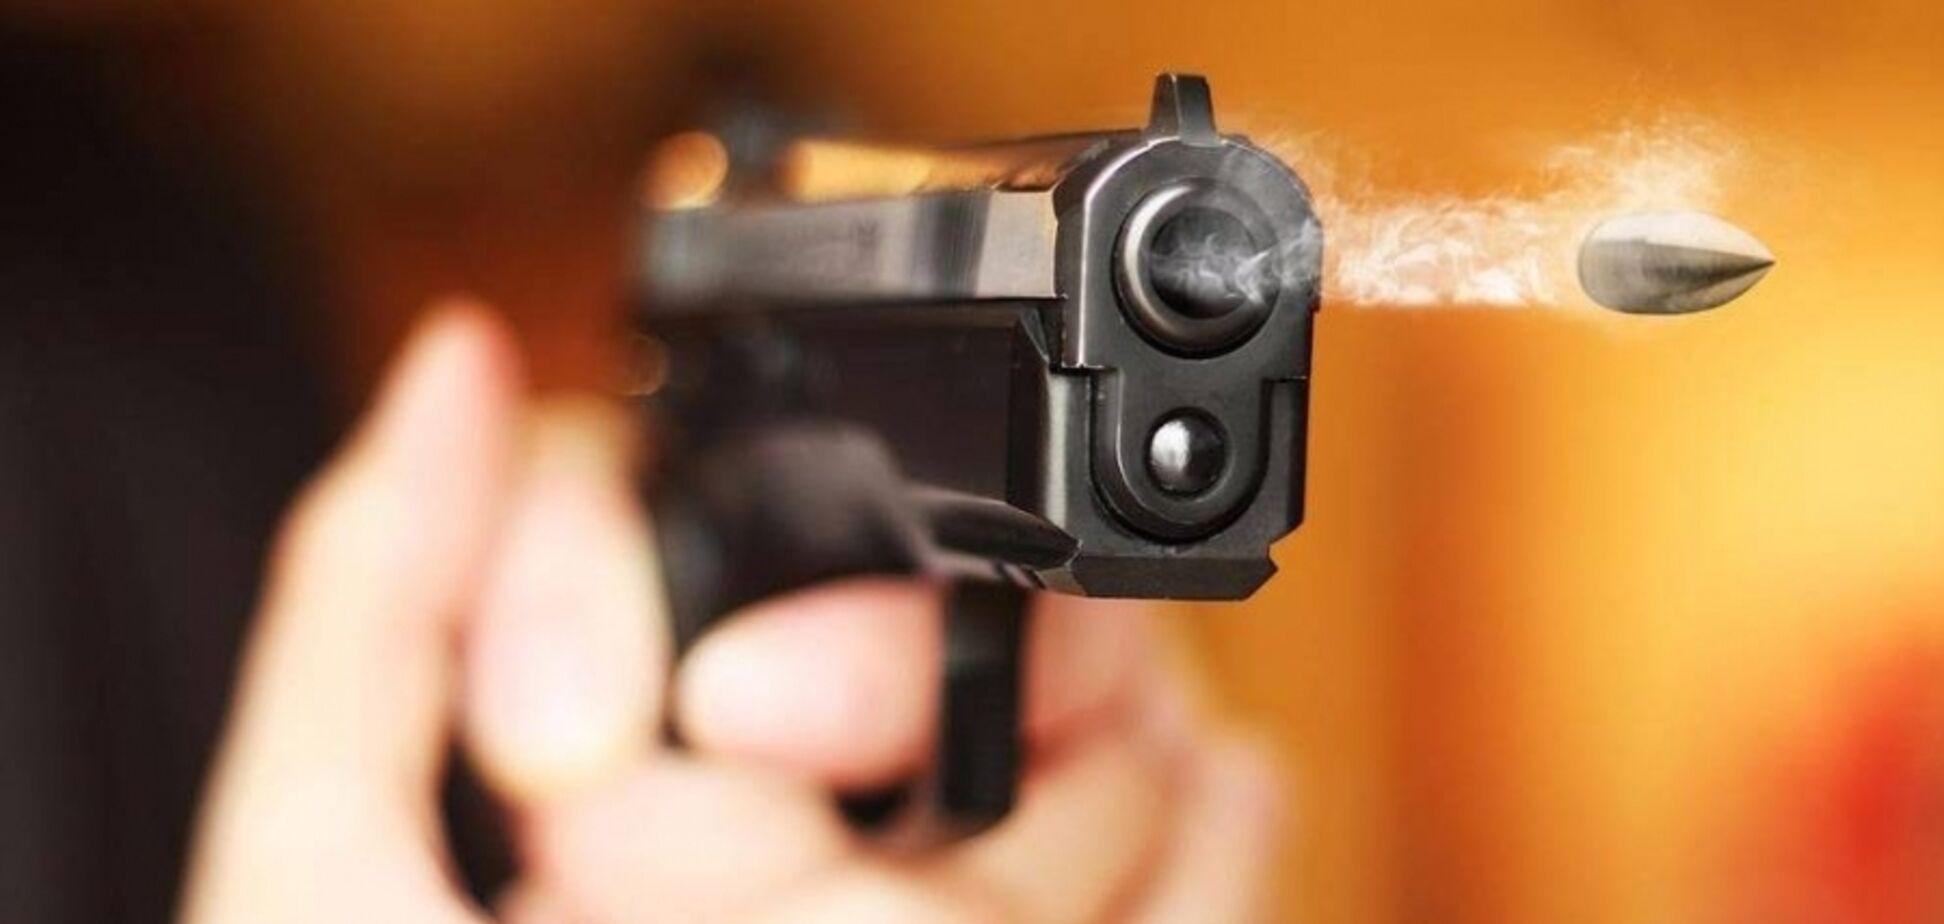 Под Днепром ссора в магазине окончилась стрельбой: есть пострадавший